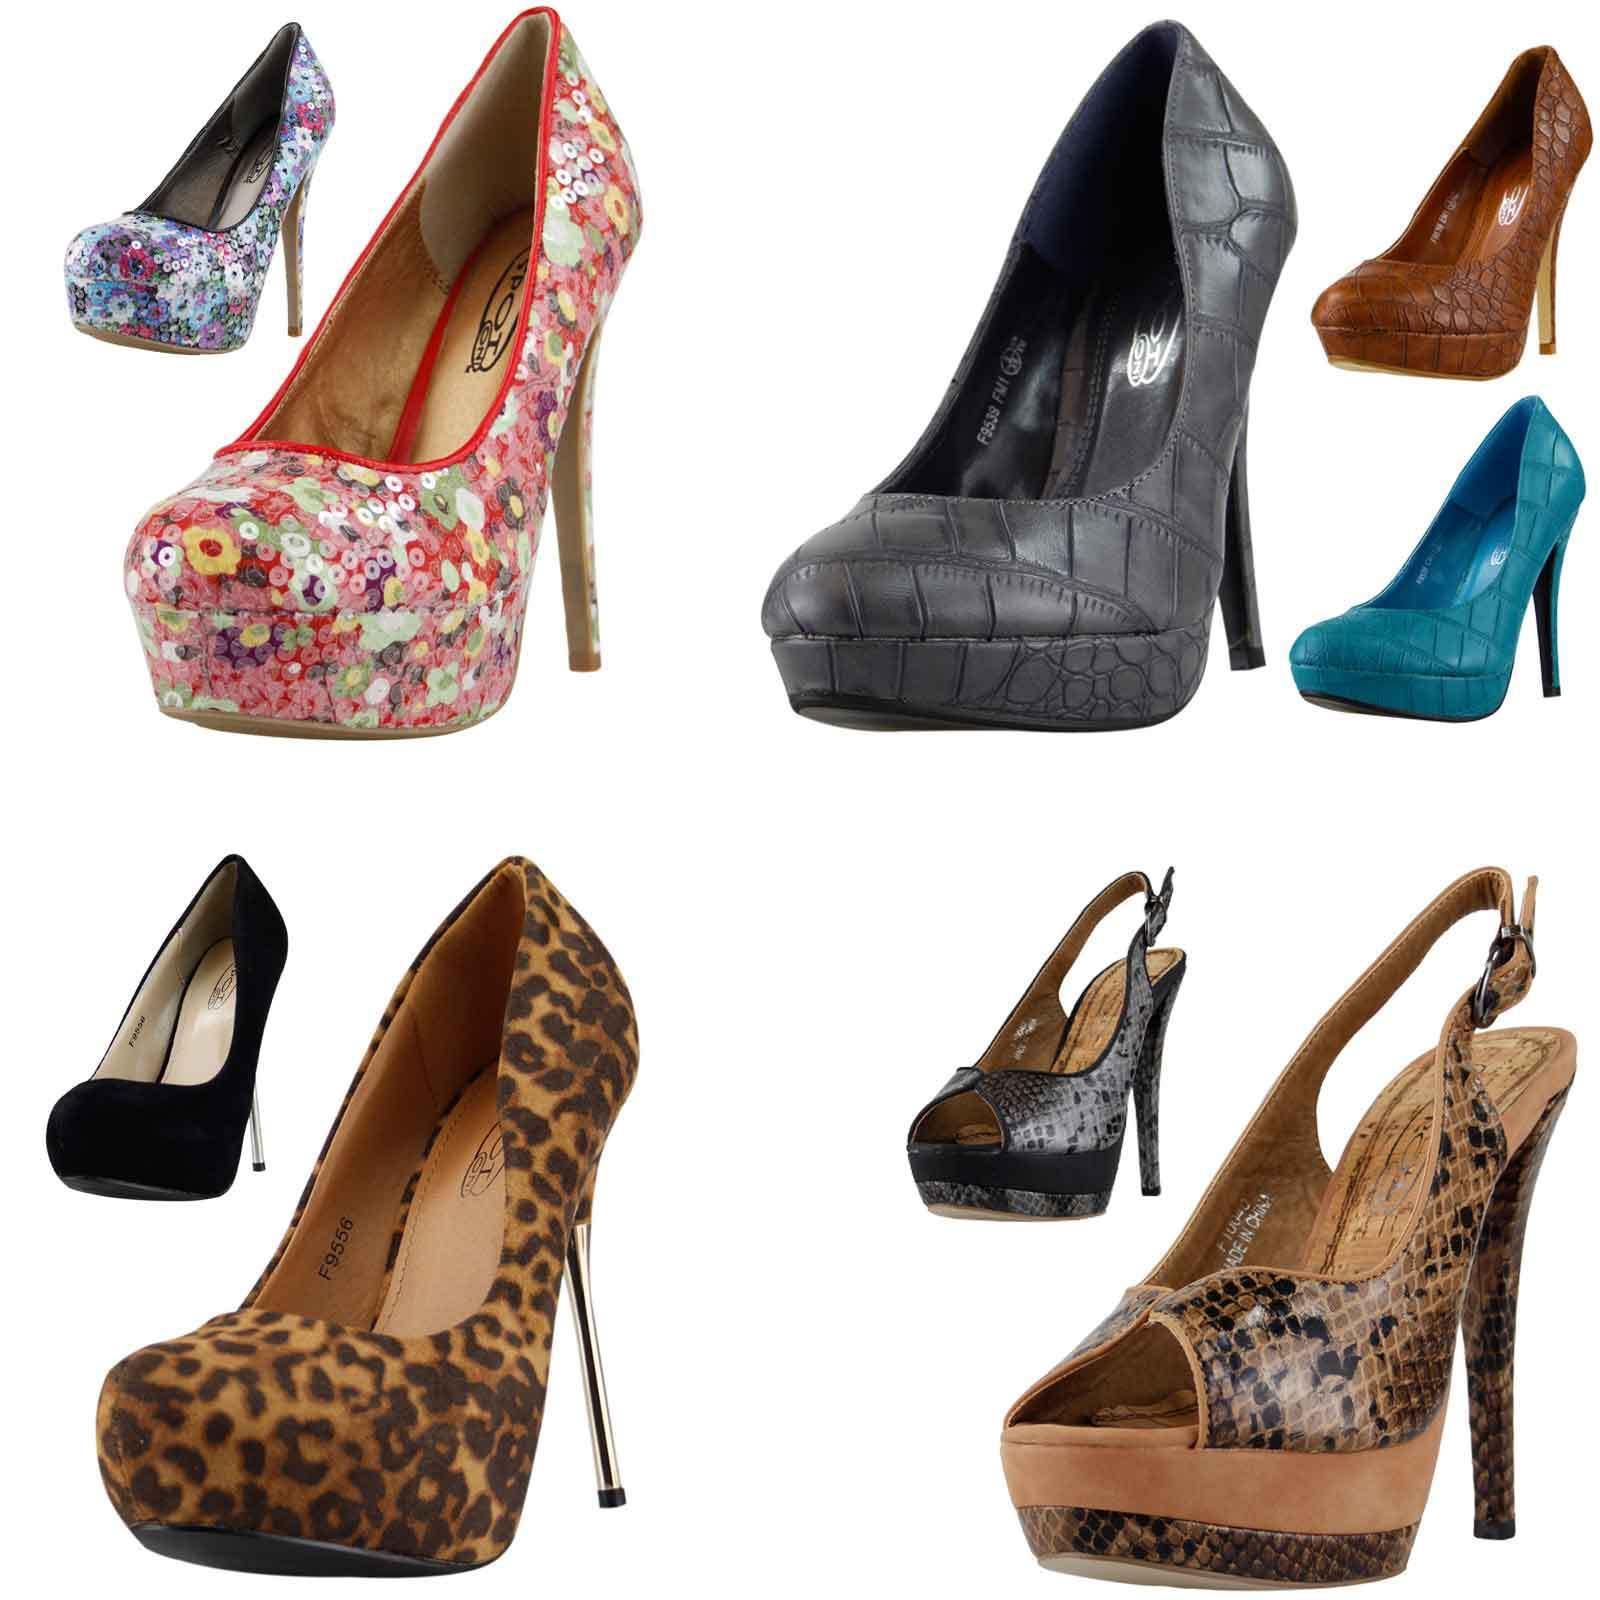 femmes escarpin Sandales plateforme talon haut grosses Sandales escarpin fête Affaire chaussures 62f6d8